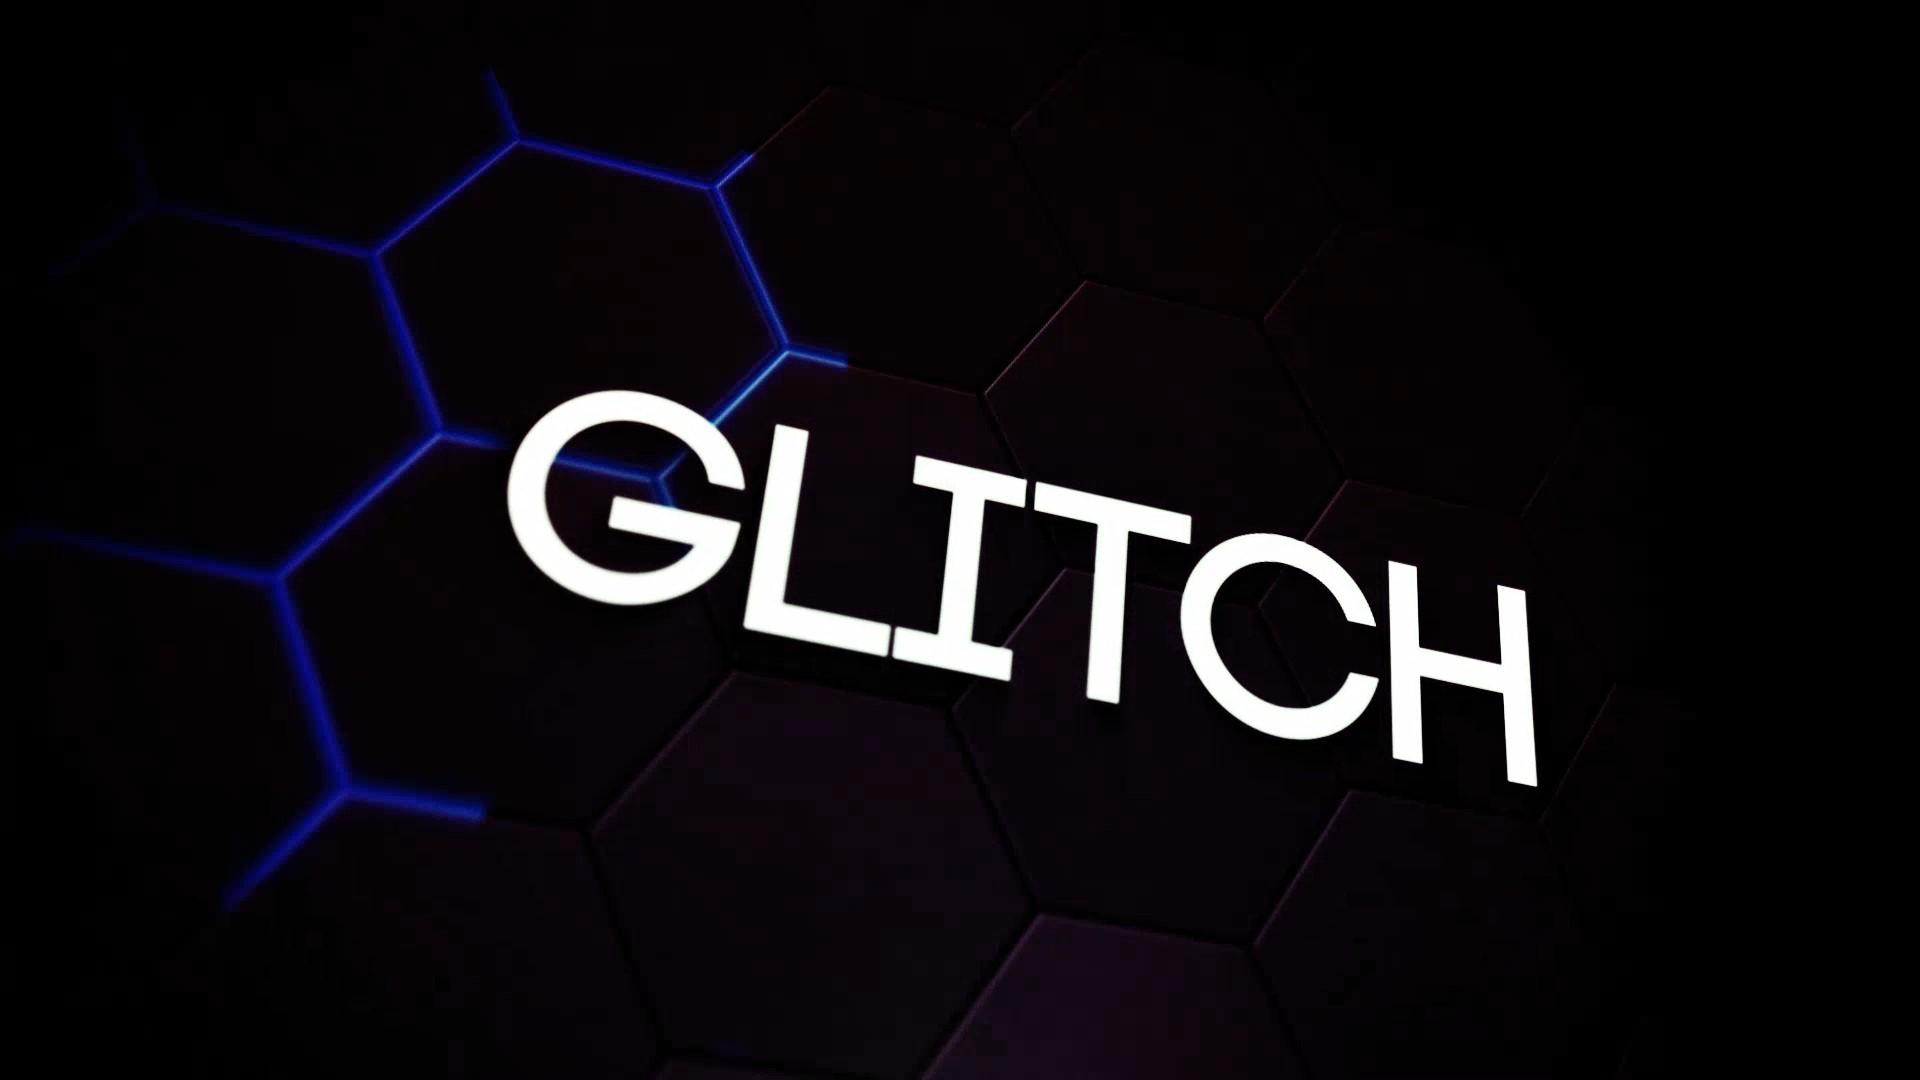 پروژه آماده افترافکت ویژه ساخت اسلایدشو به سبکglitch